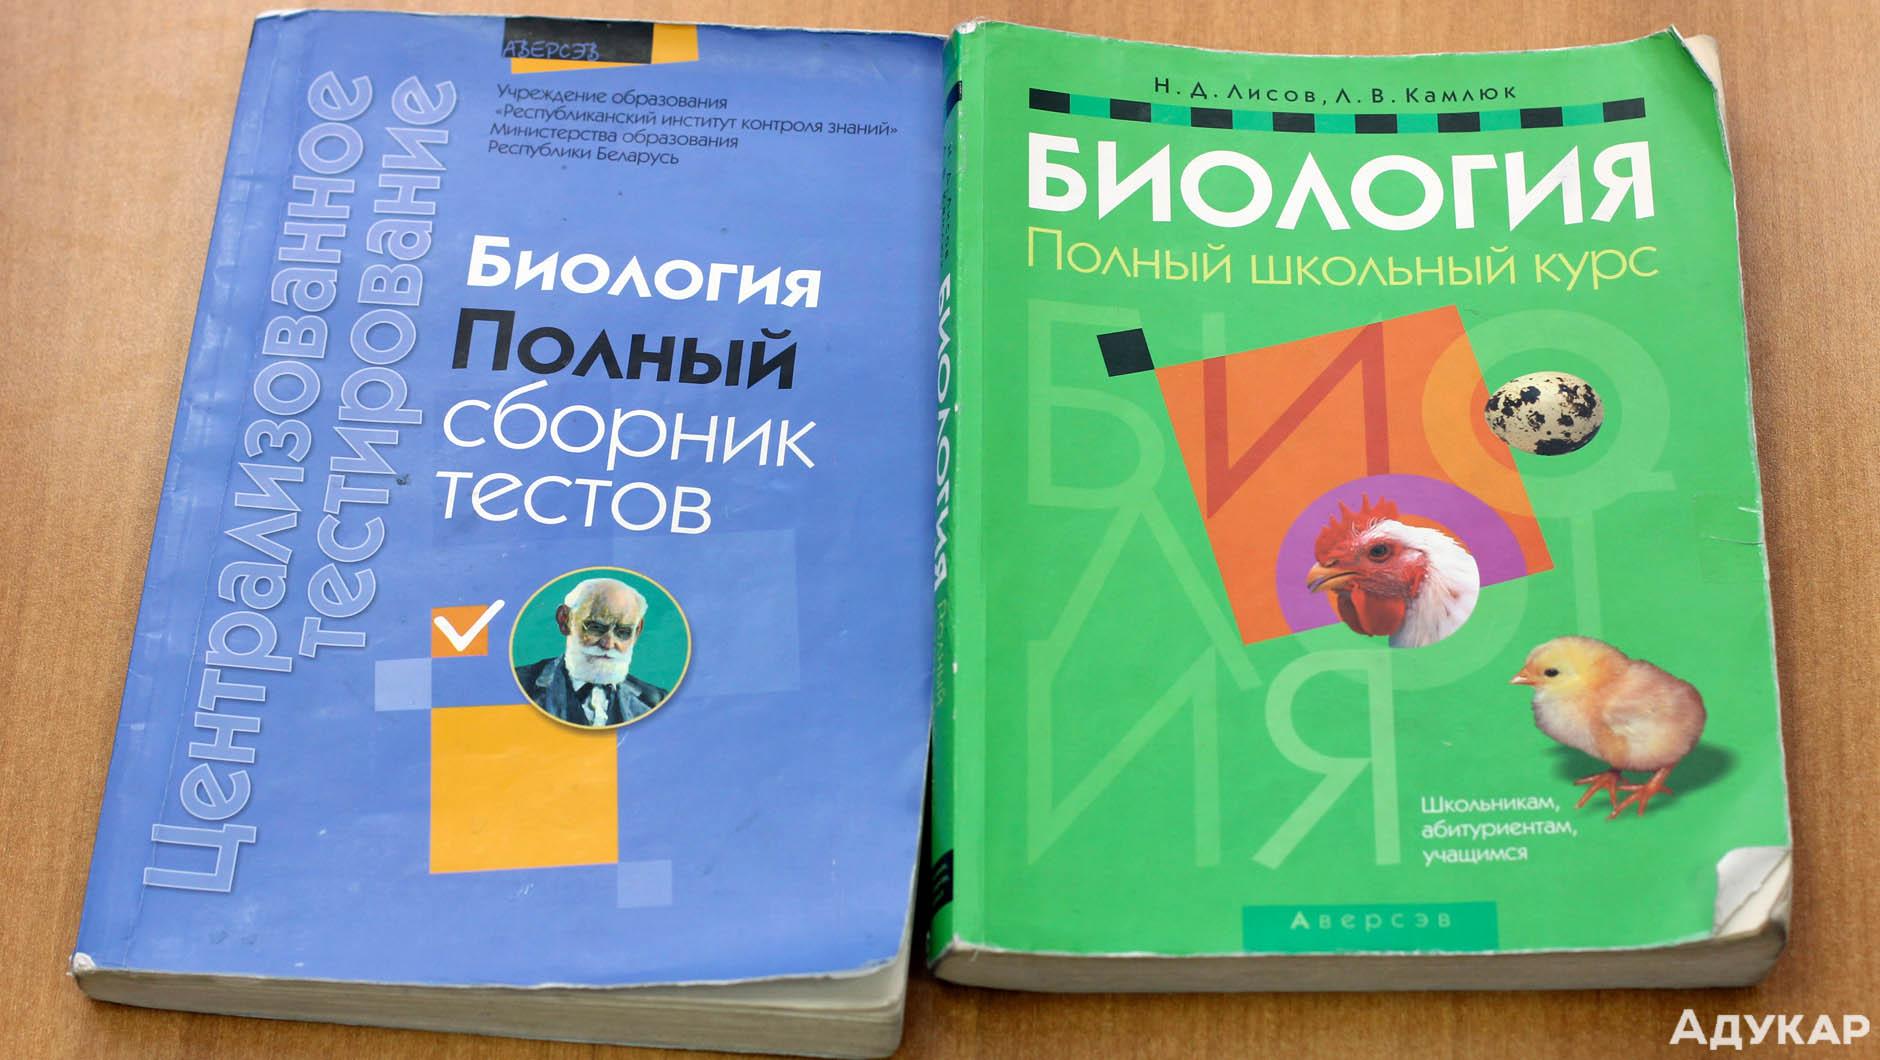 Сборник тестов по биологии для подготовки к цт